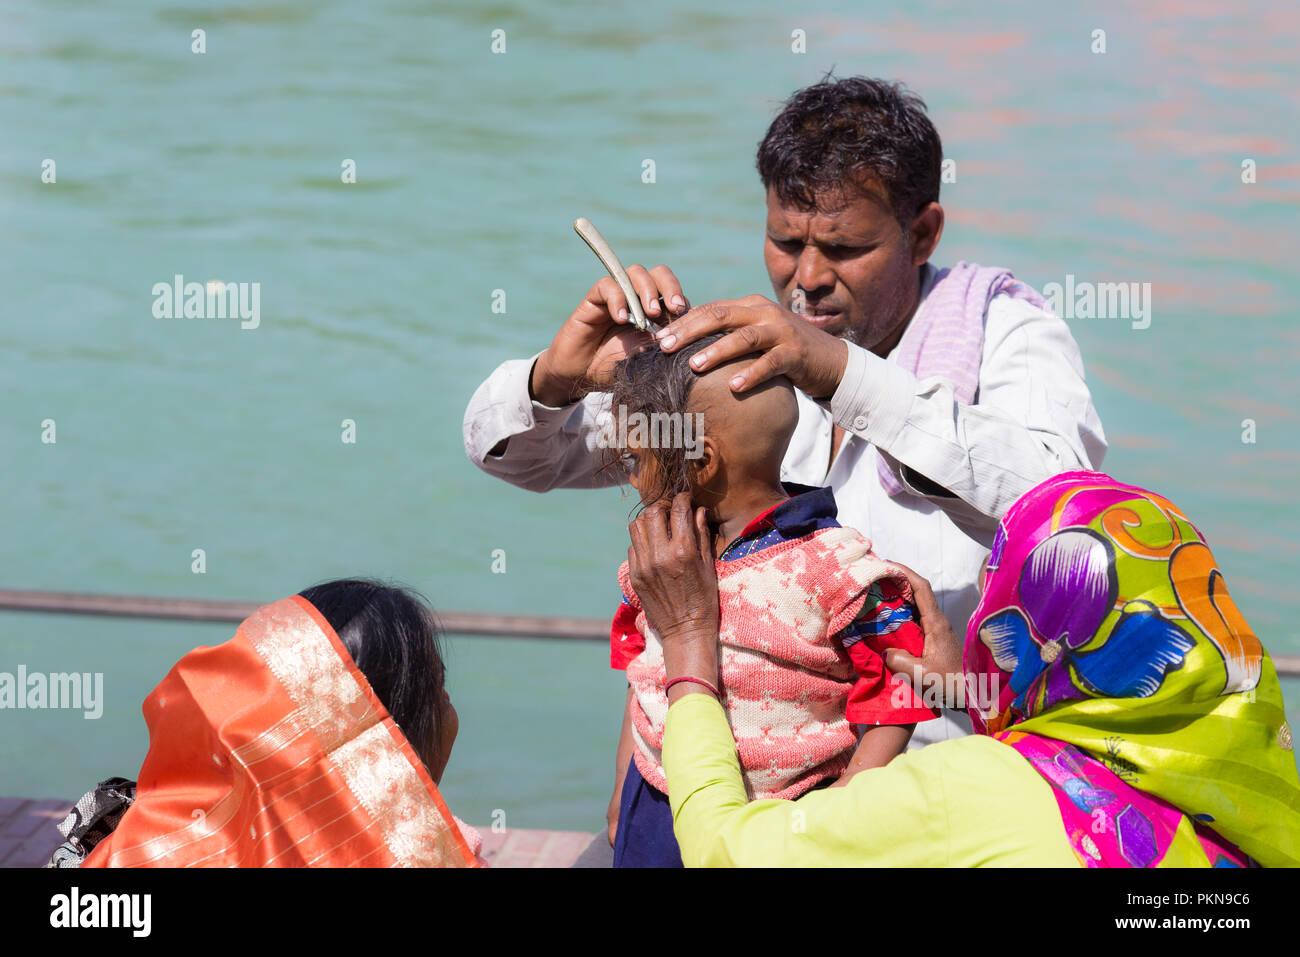 bilder von lahaso chon rasiert